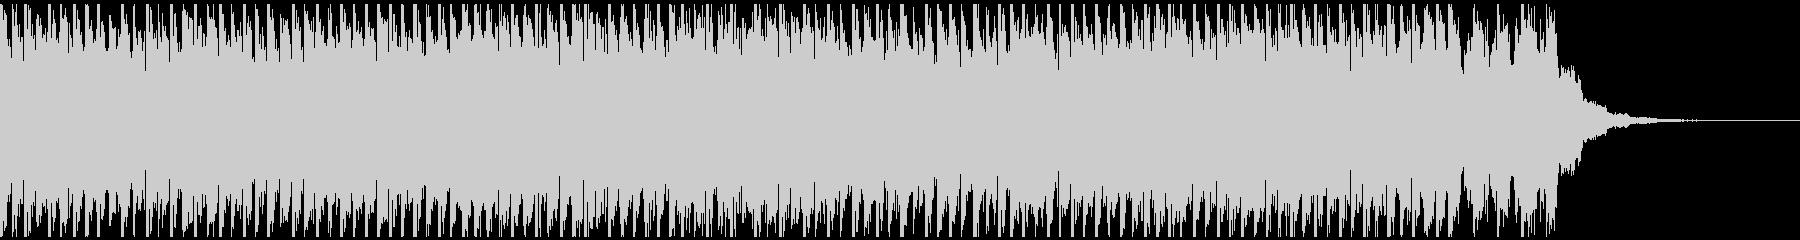 サマーパーティー(30秒)の未再生の波形